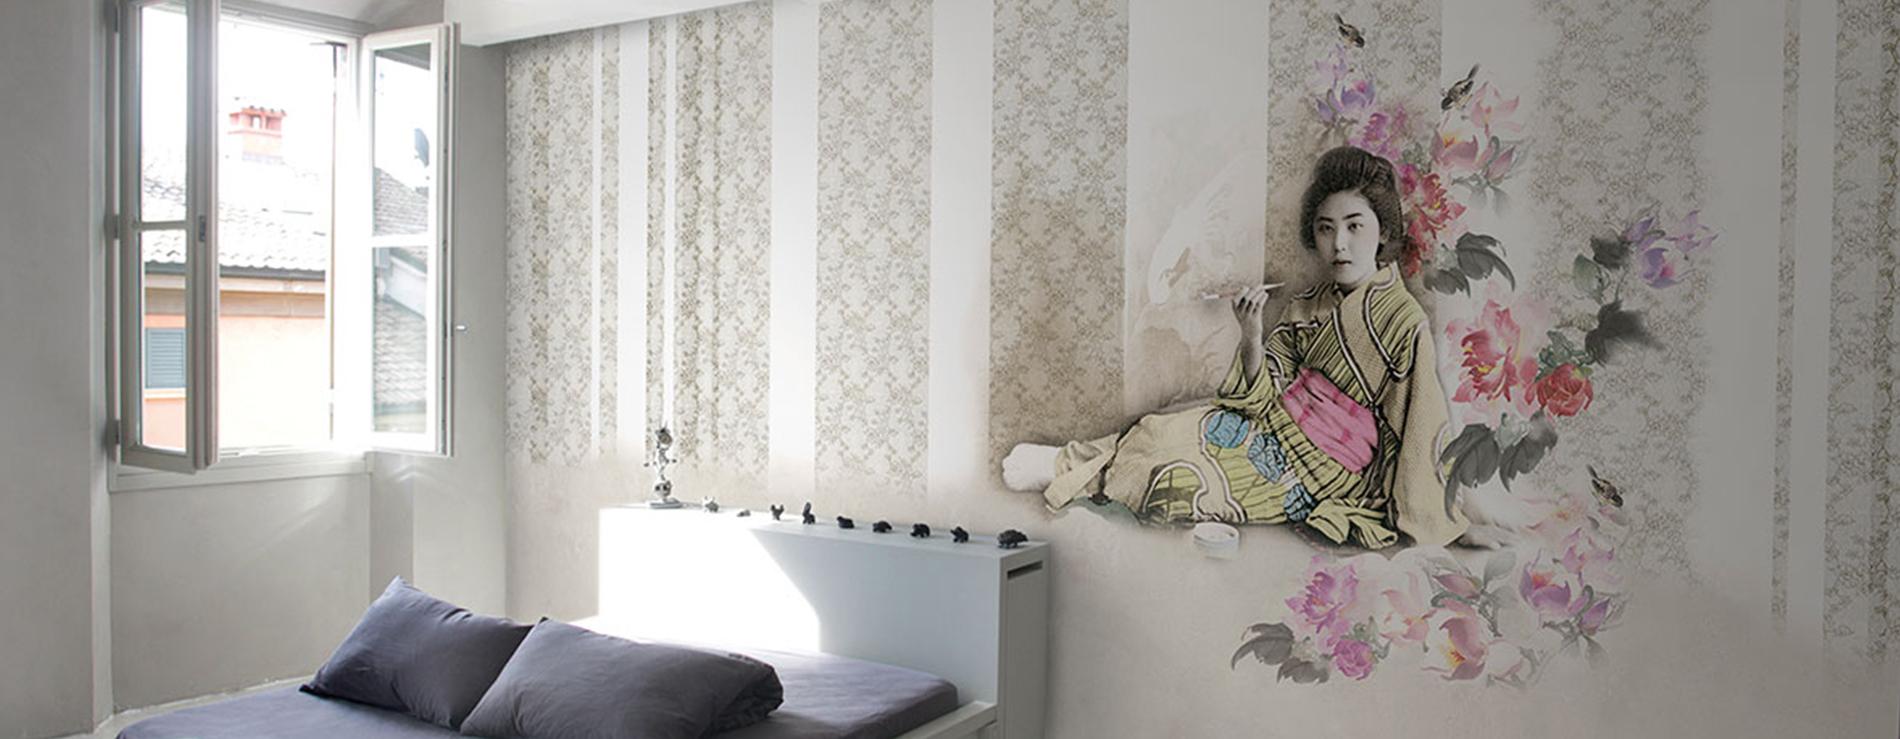 Carta da parati kira glamora centro mobili - Ikea carta parati ...